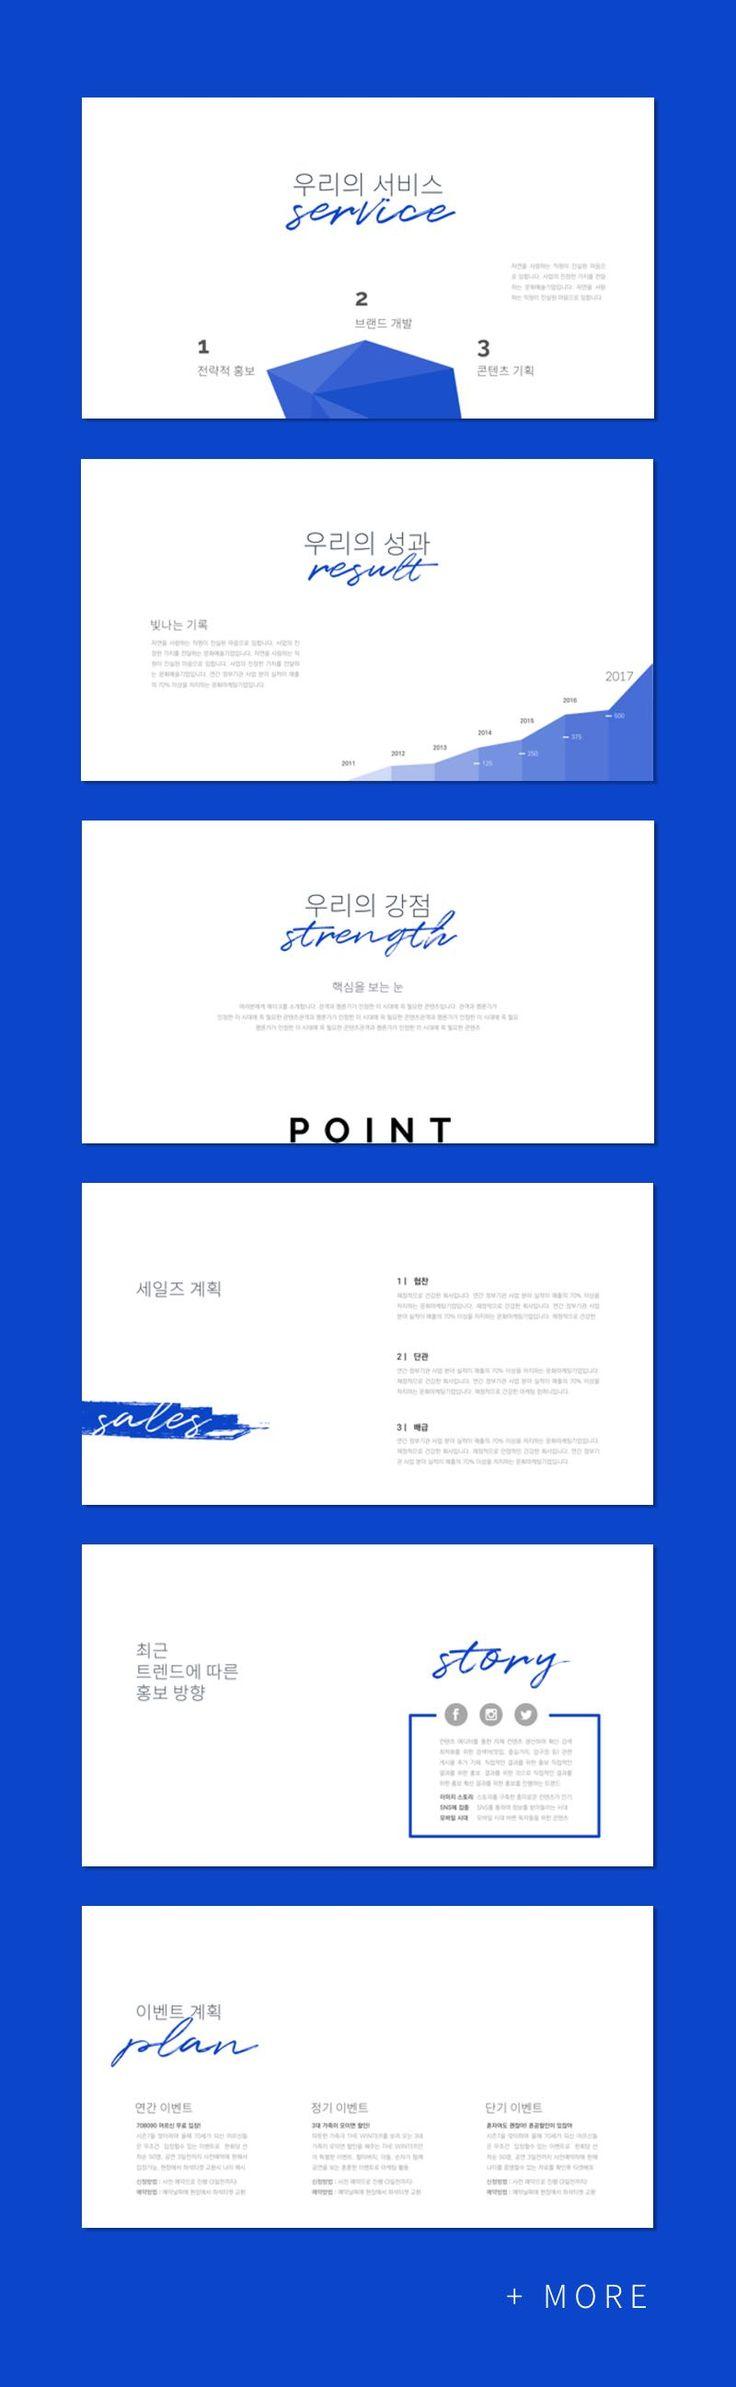 심플한 회사소개서 PPT 템플릿 Point Presentation Template #keynote #simple #minimal #business #marketing #portfolio